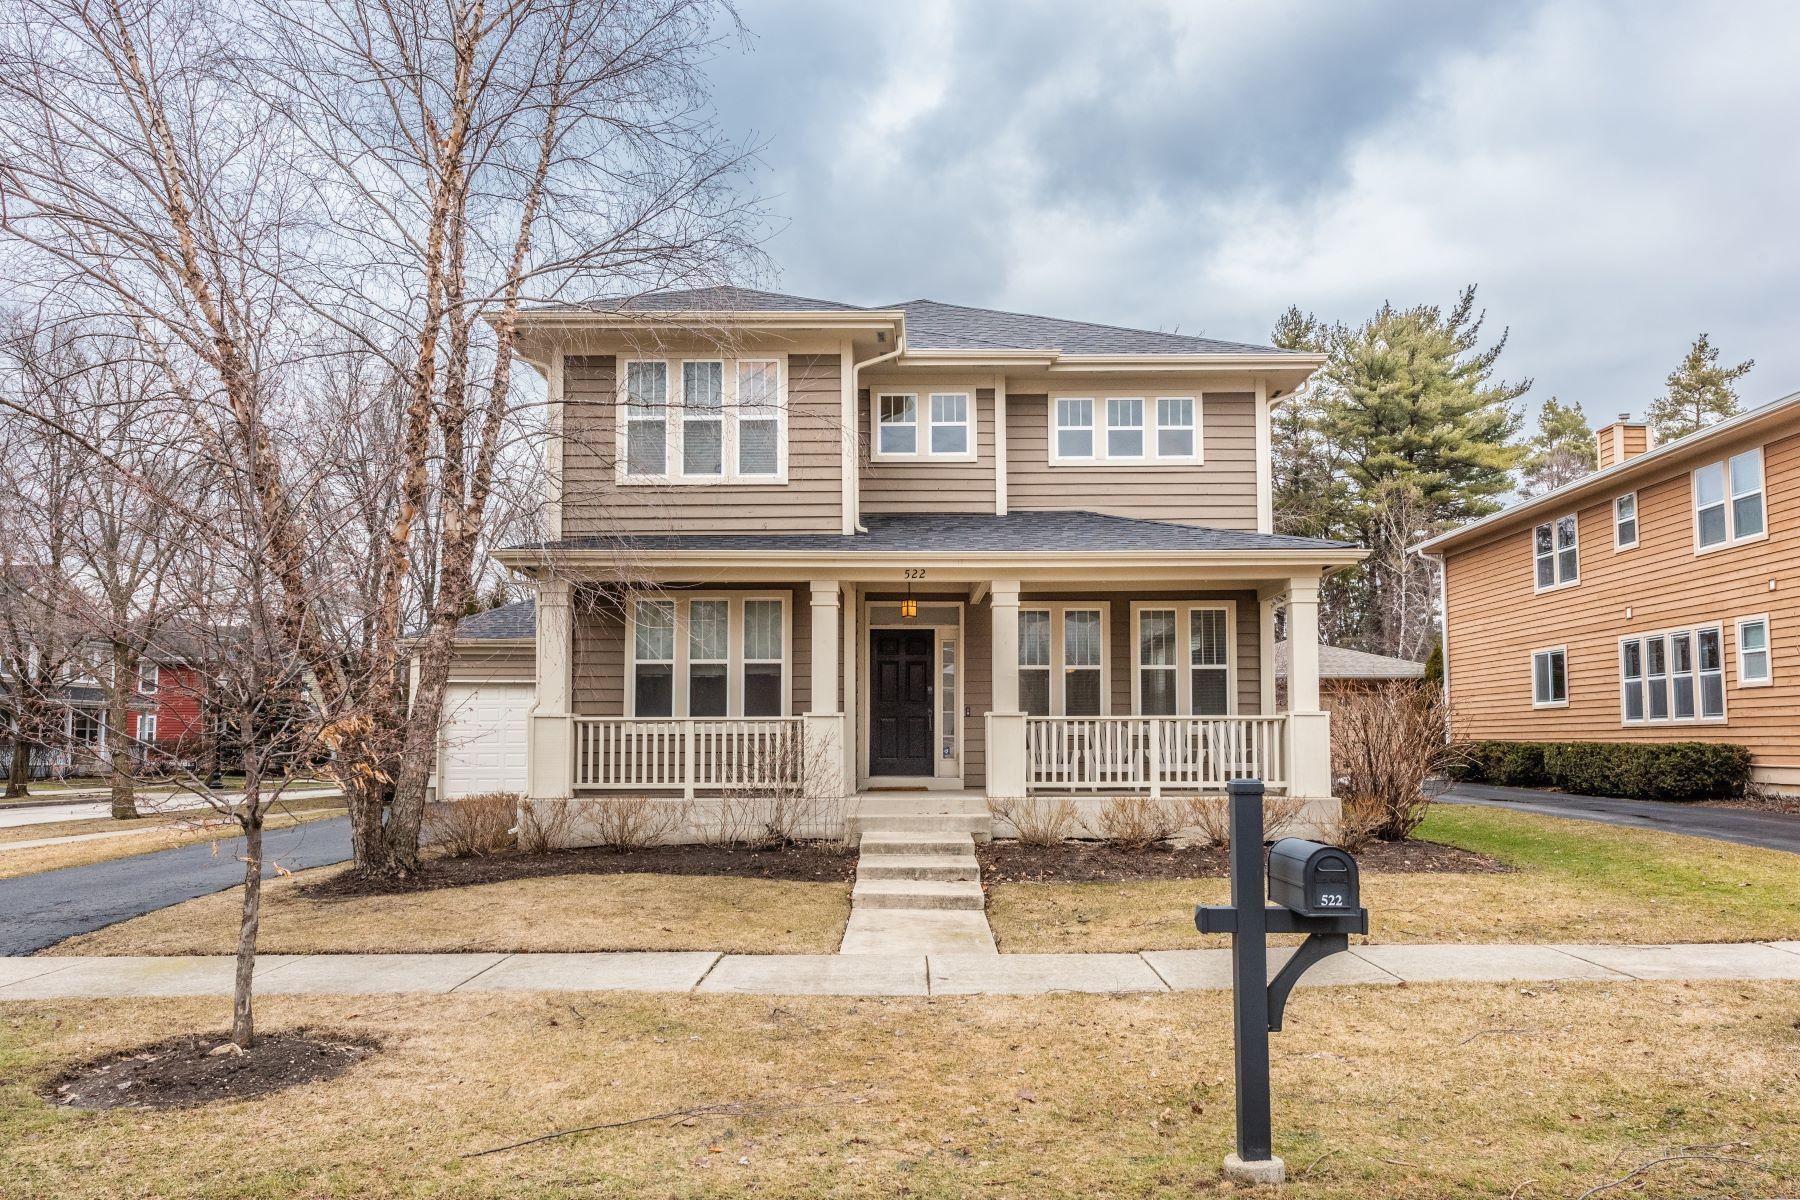 Частный односемейный дом для того Продажа на Centennial Crossing Home 522 Superior Street Vernon Hills, Иллинойс 60061 Соединенные Штаты